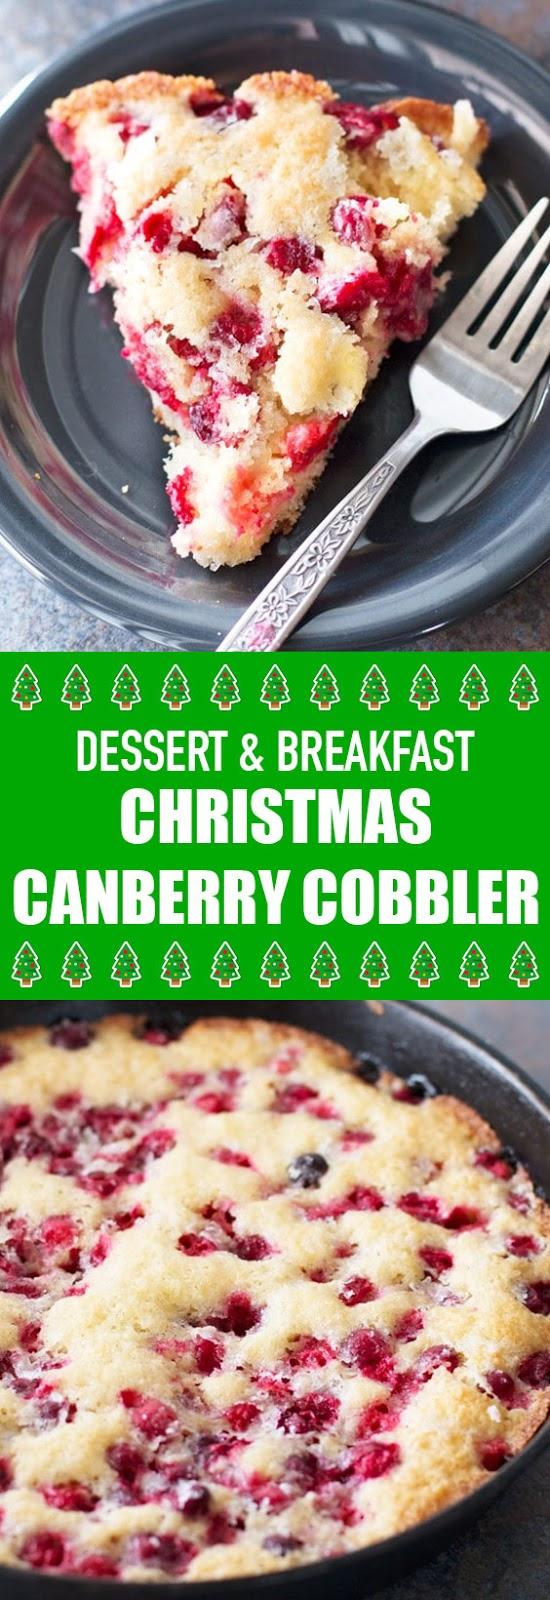 Dessert & Breakfast Christmas Cranberry Cobbler